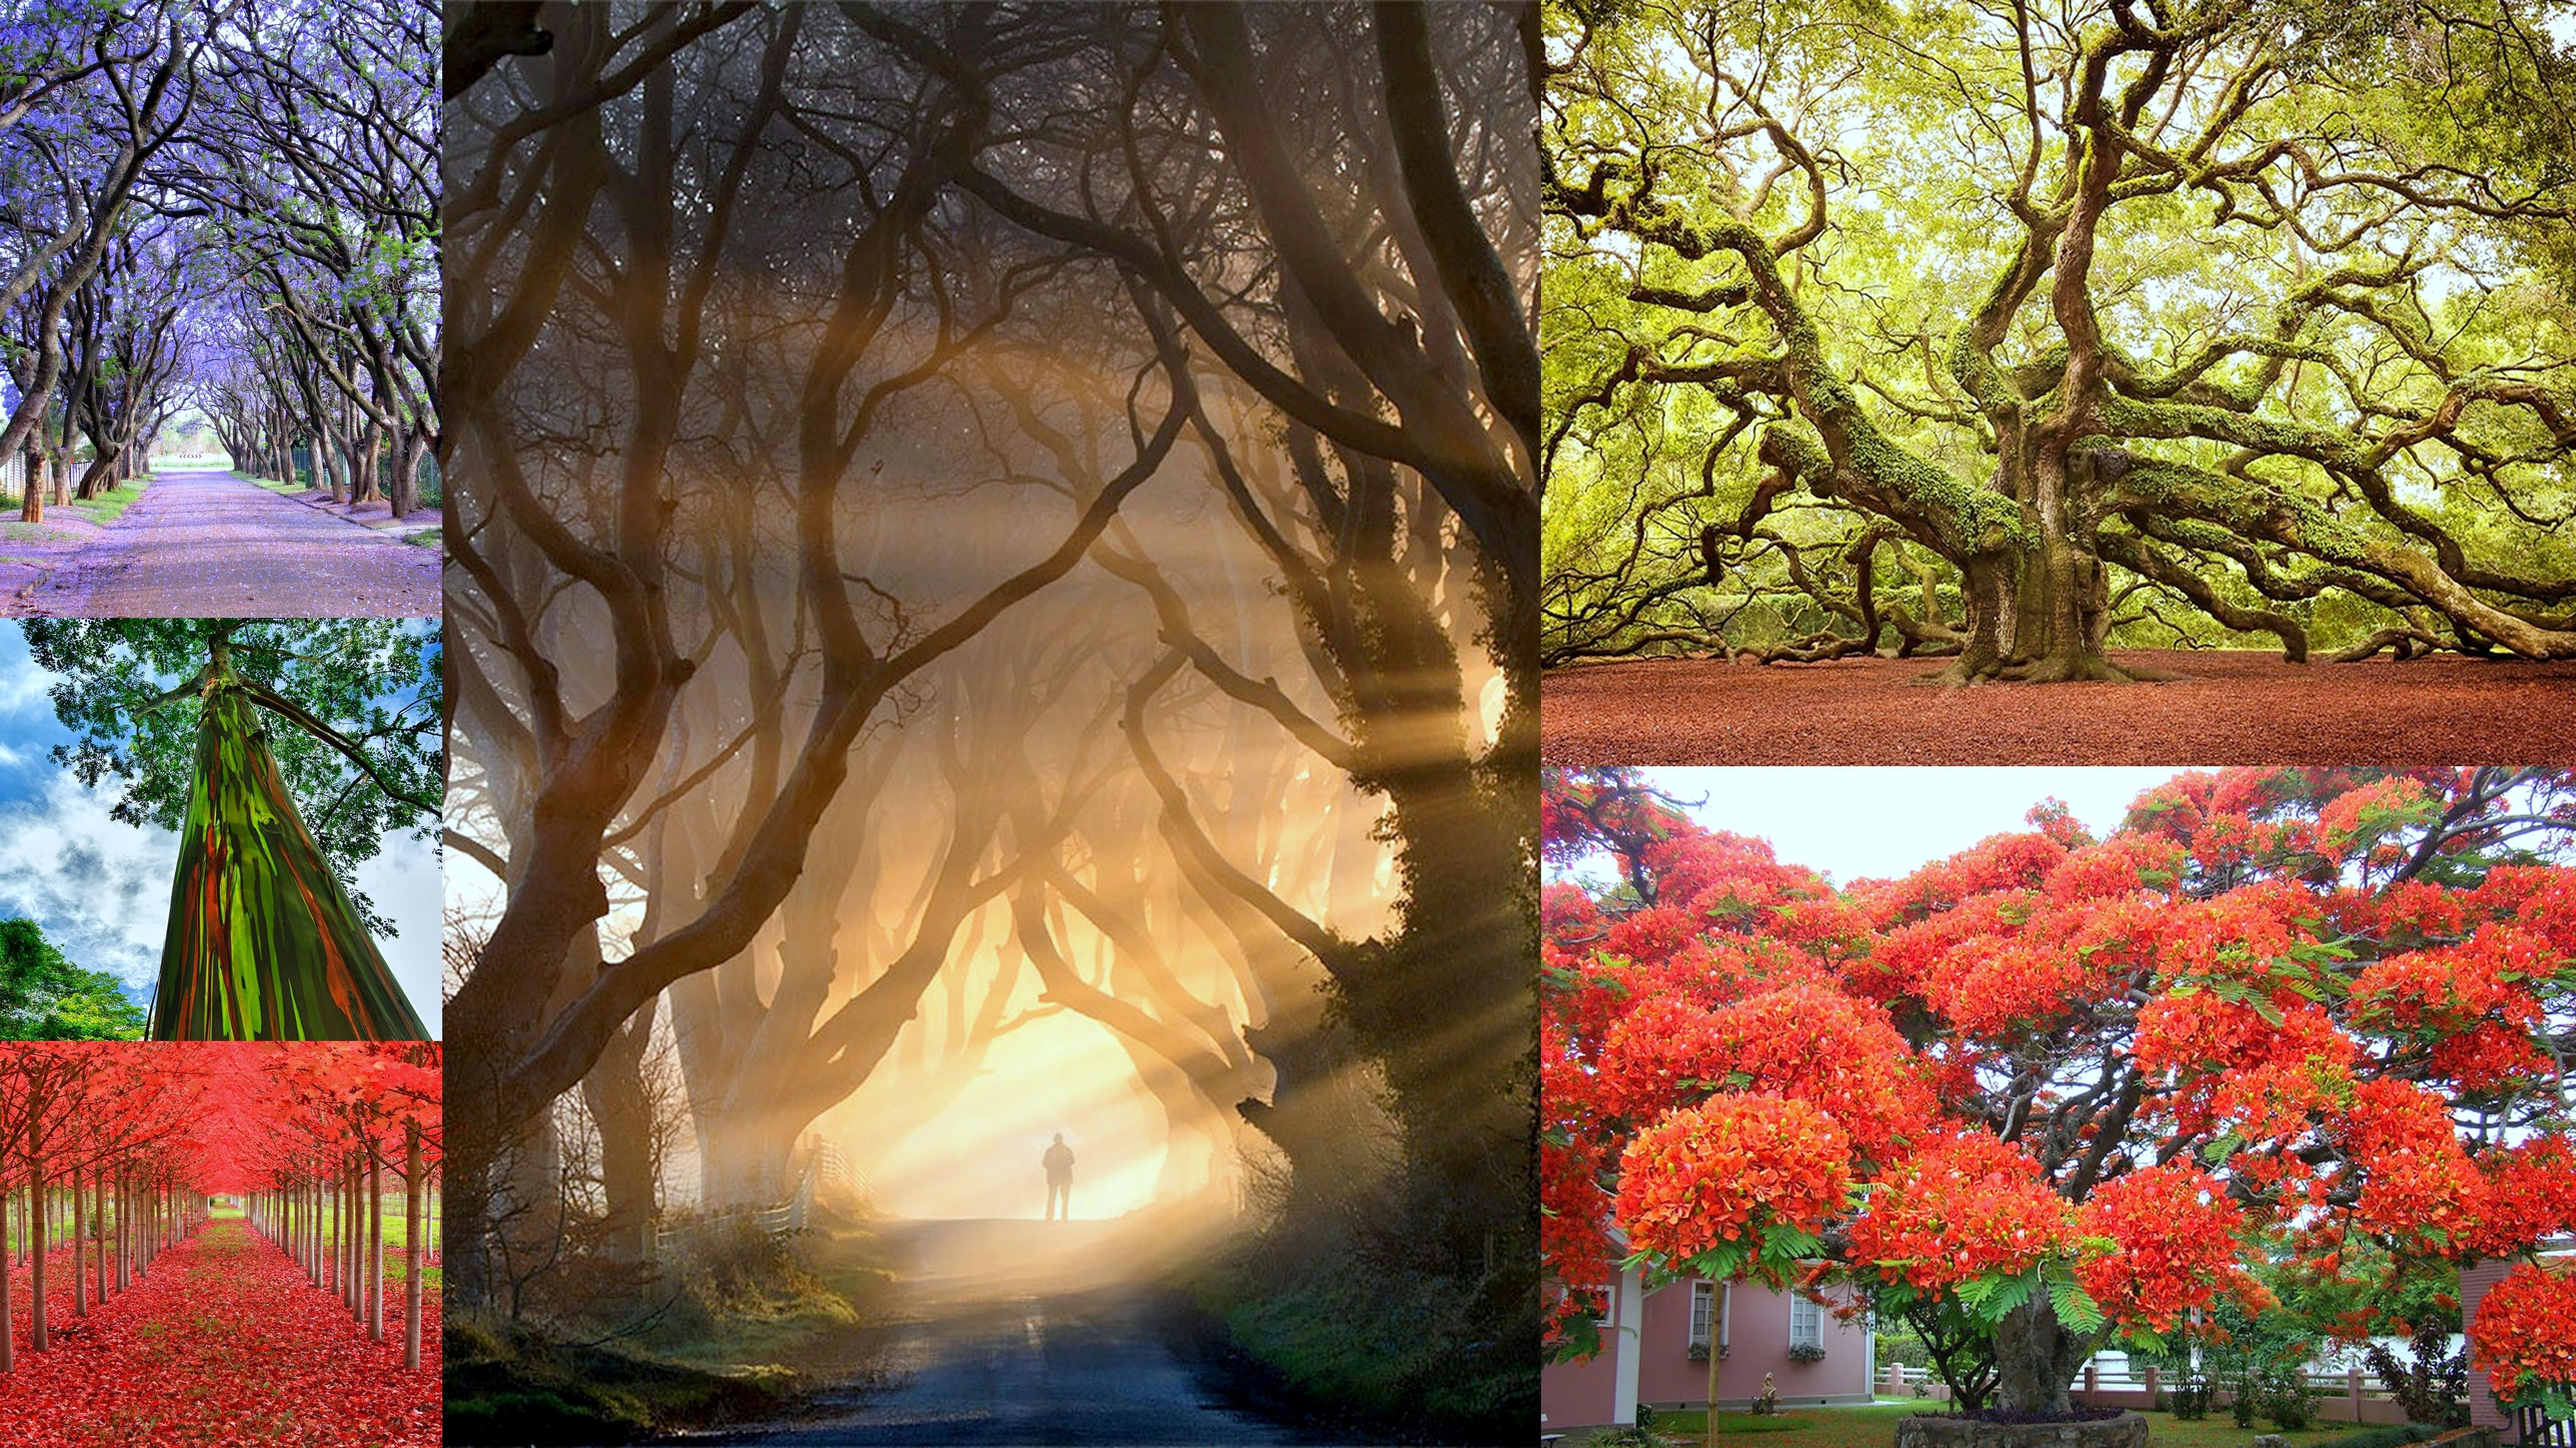 Πανόραμα φωτογραφιών: τα 16 πιο όμορφα δέντρα του κόσμου